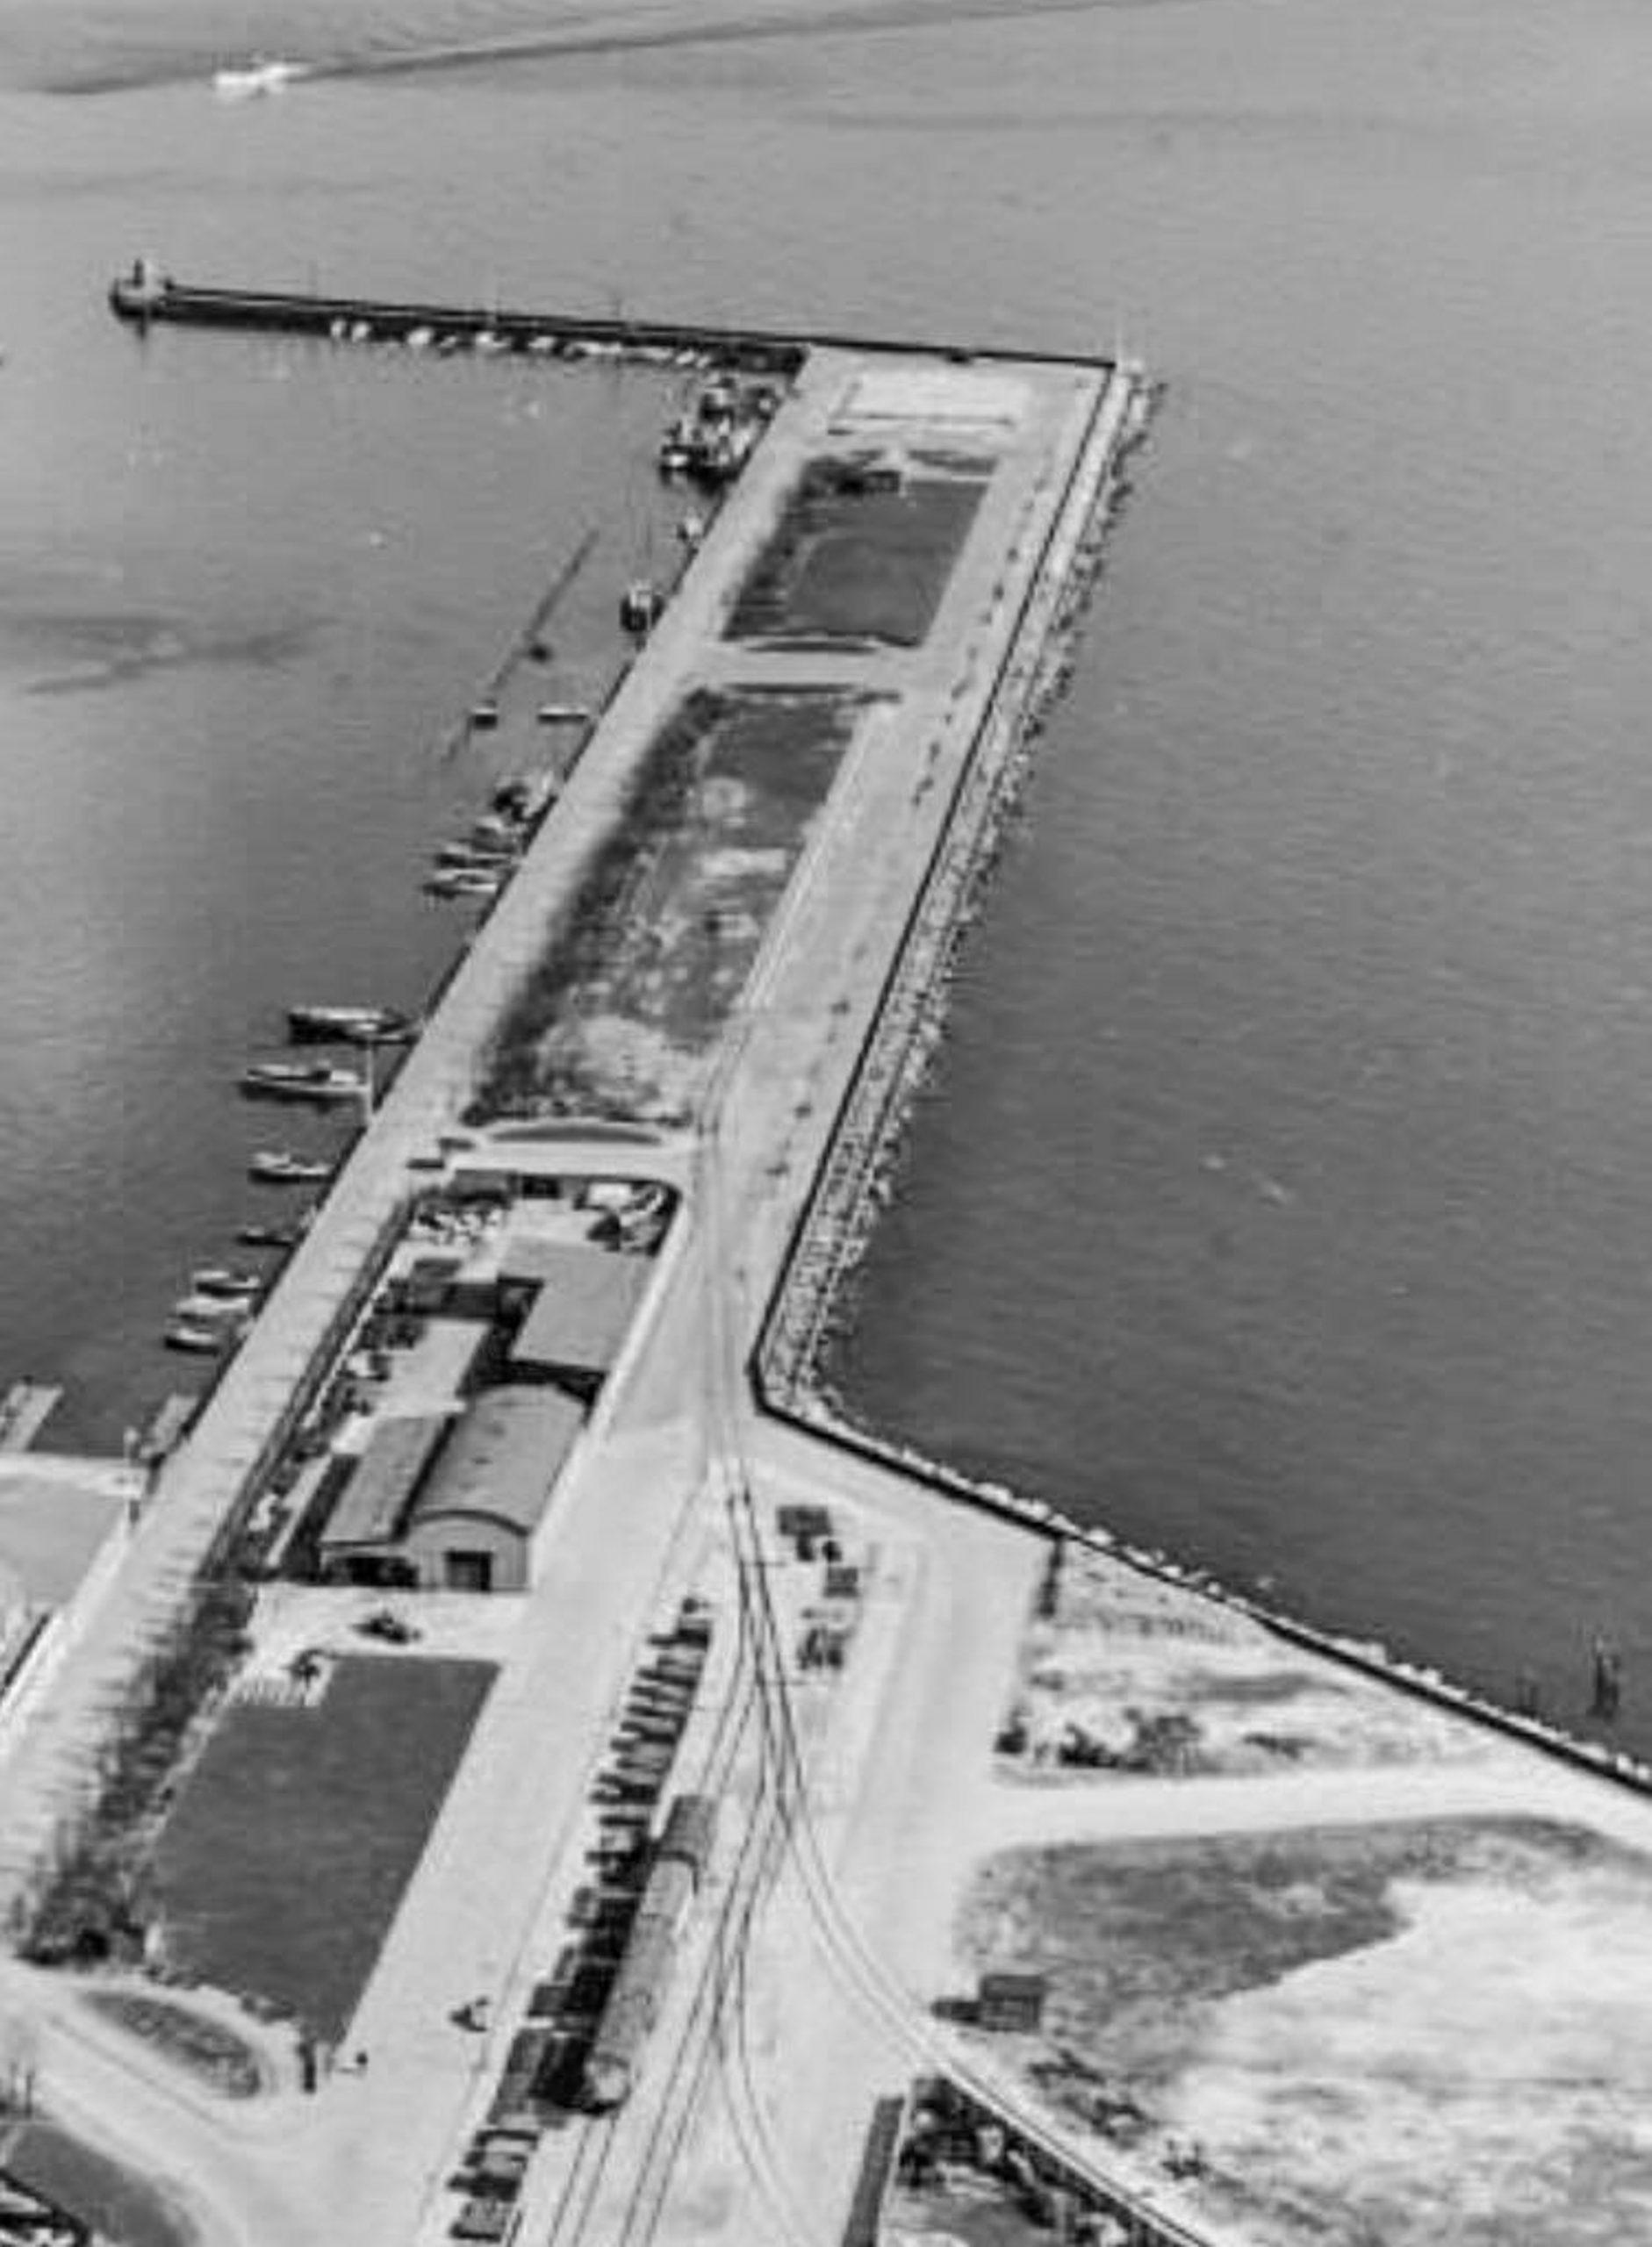 VinDanmark får lov at blive: Det gamle bådværksted overlever - en lille oase består